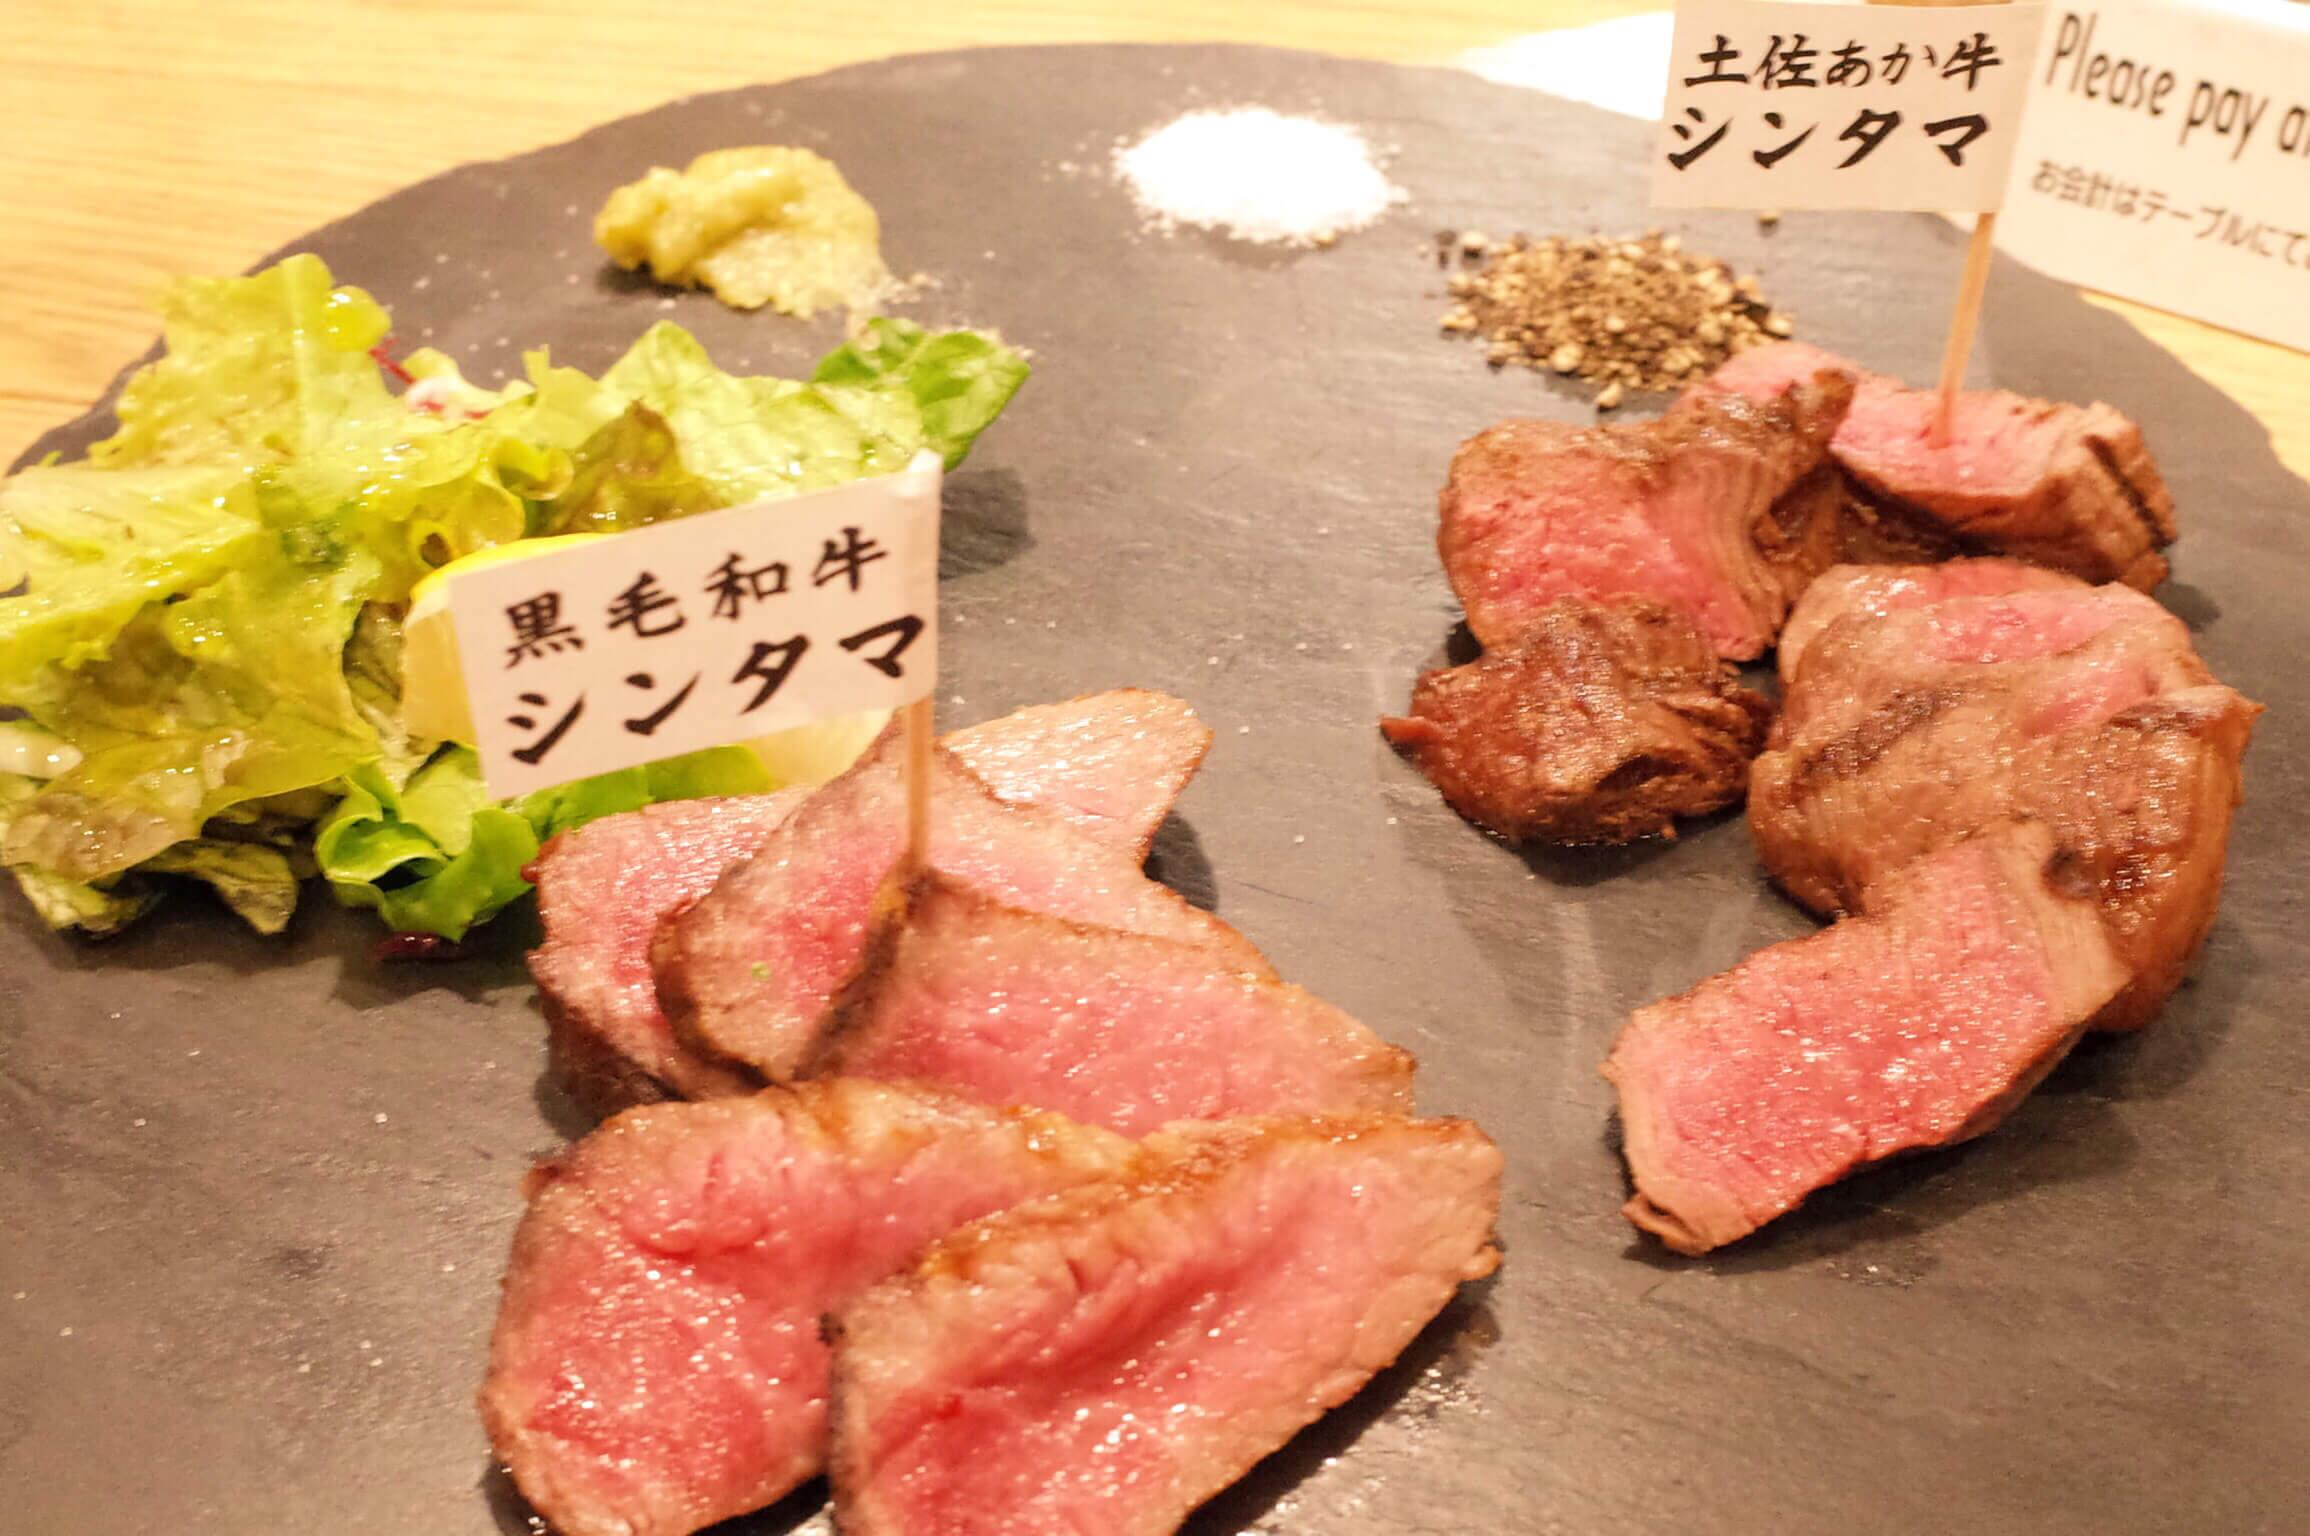 肉ビストロ センバキッチン 心斎橋 | 熟成肉専門店で極上の肉を食べ比べる!口に広がる熟成肉の旨味がヤバい